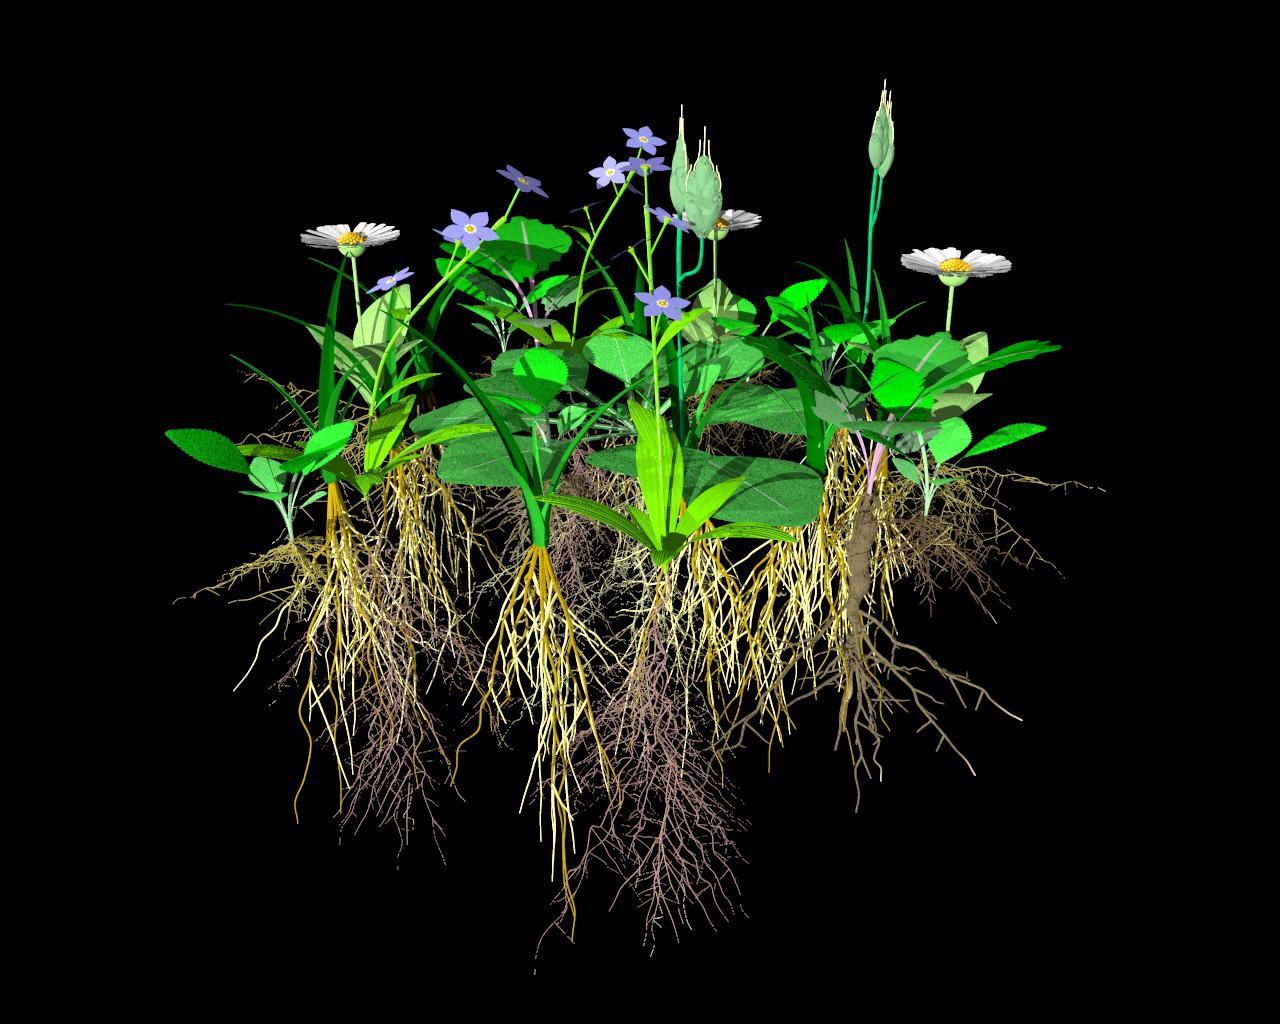 Pflanzengemeinschaft Wiese